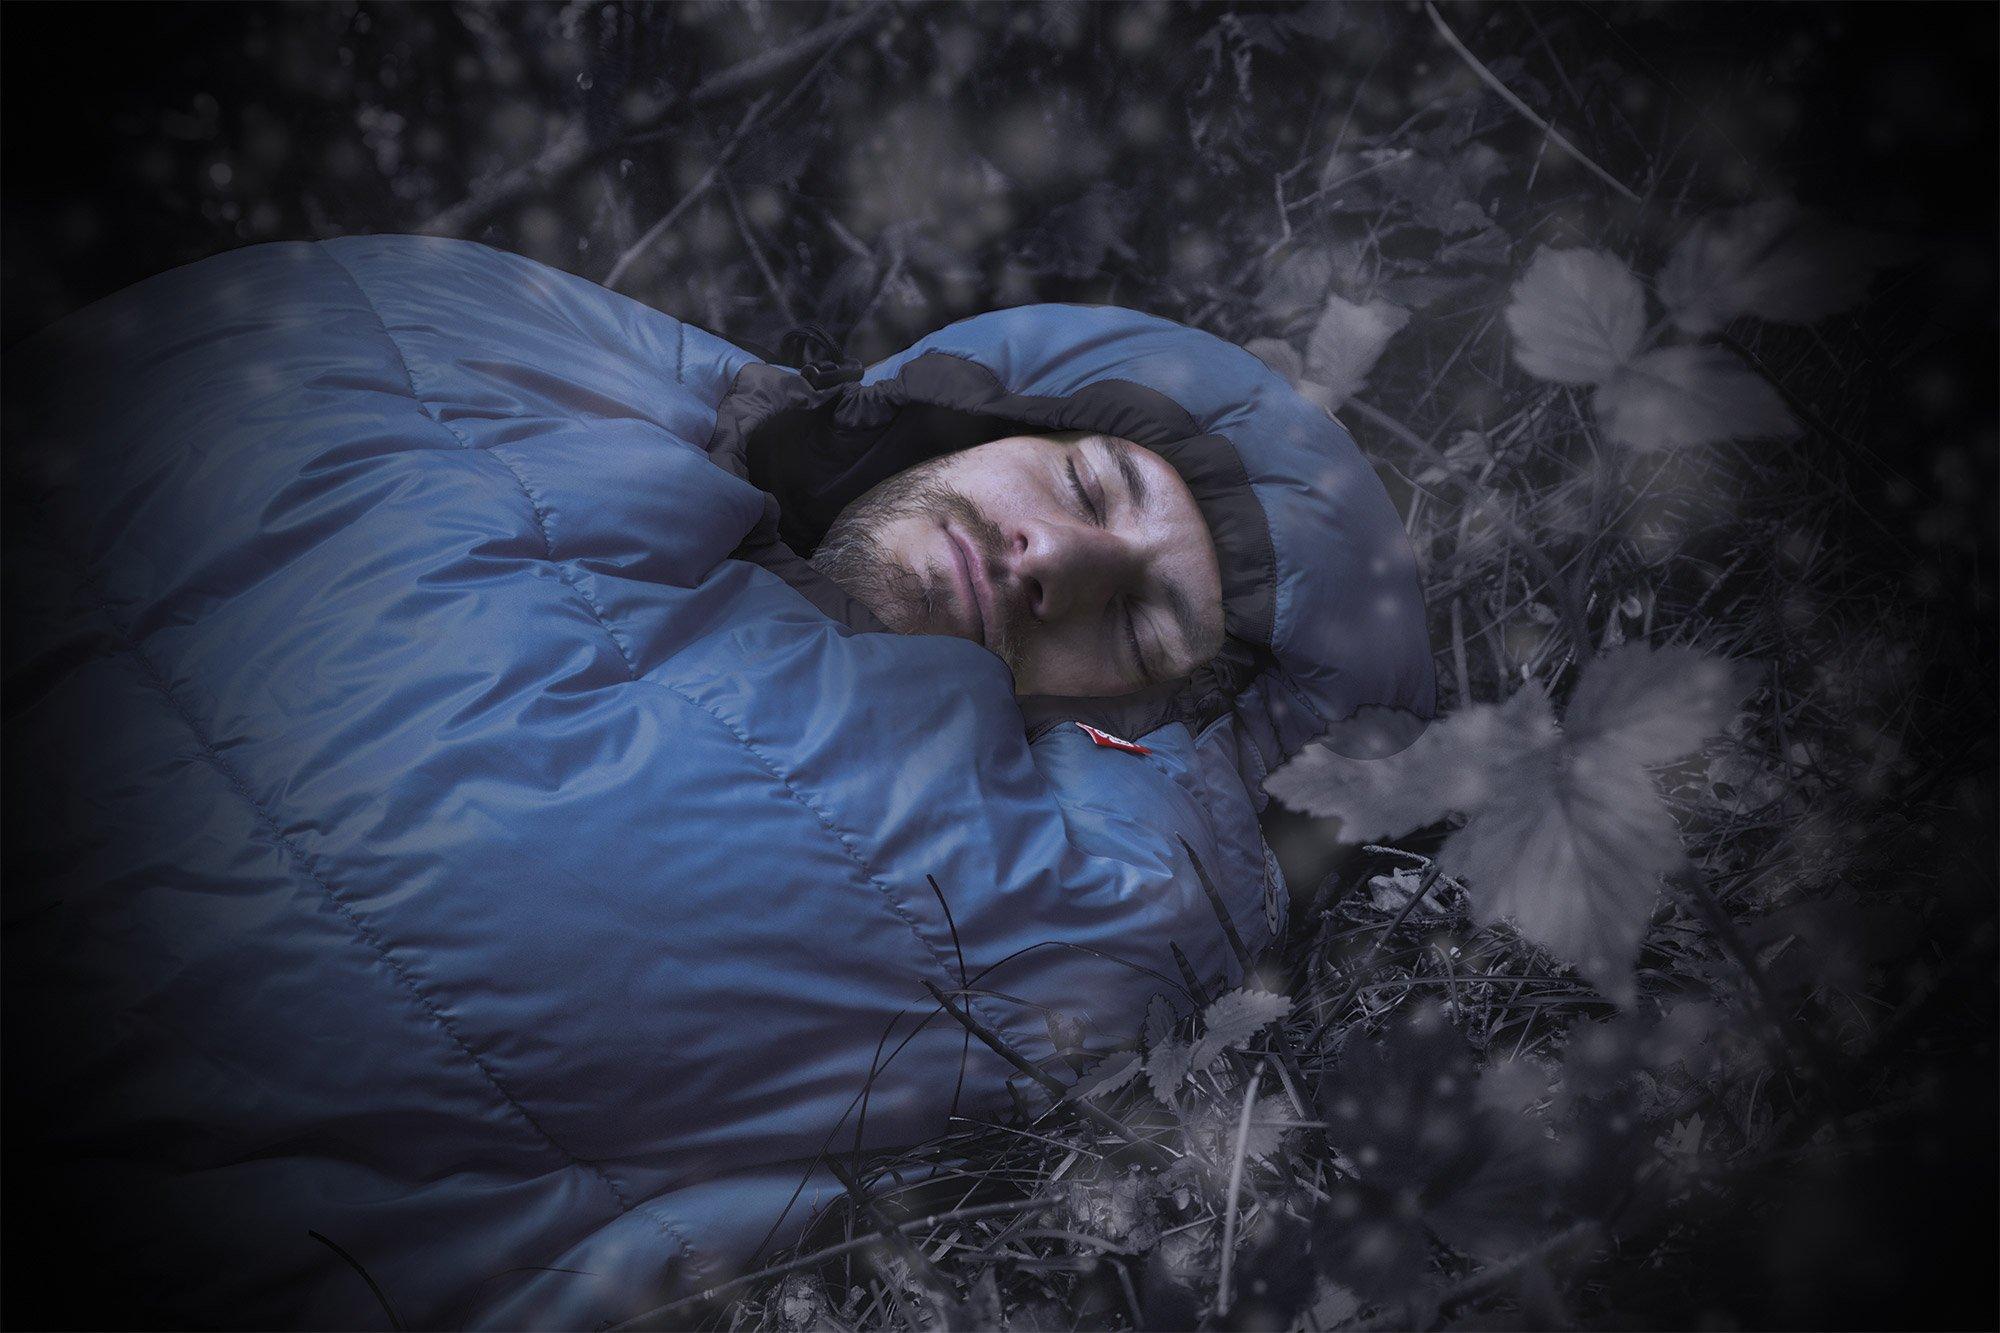 Gemütlich durchschlafen funktioniert nur mit ausreichend warmer Ausrüstung